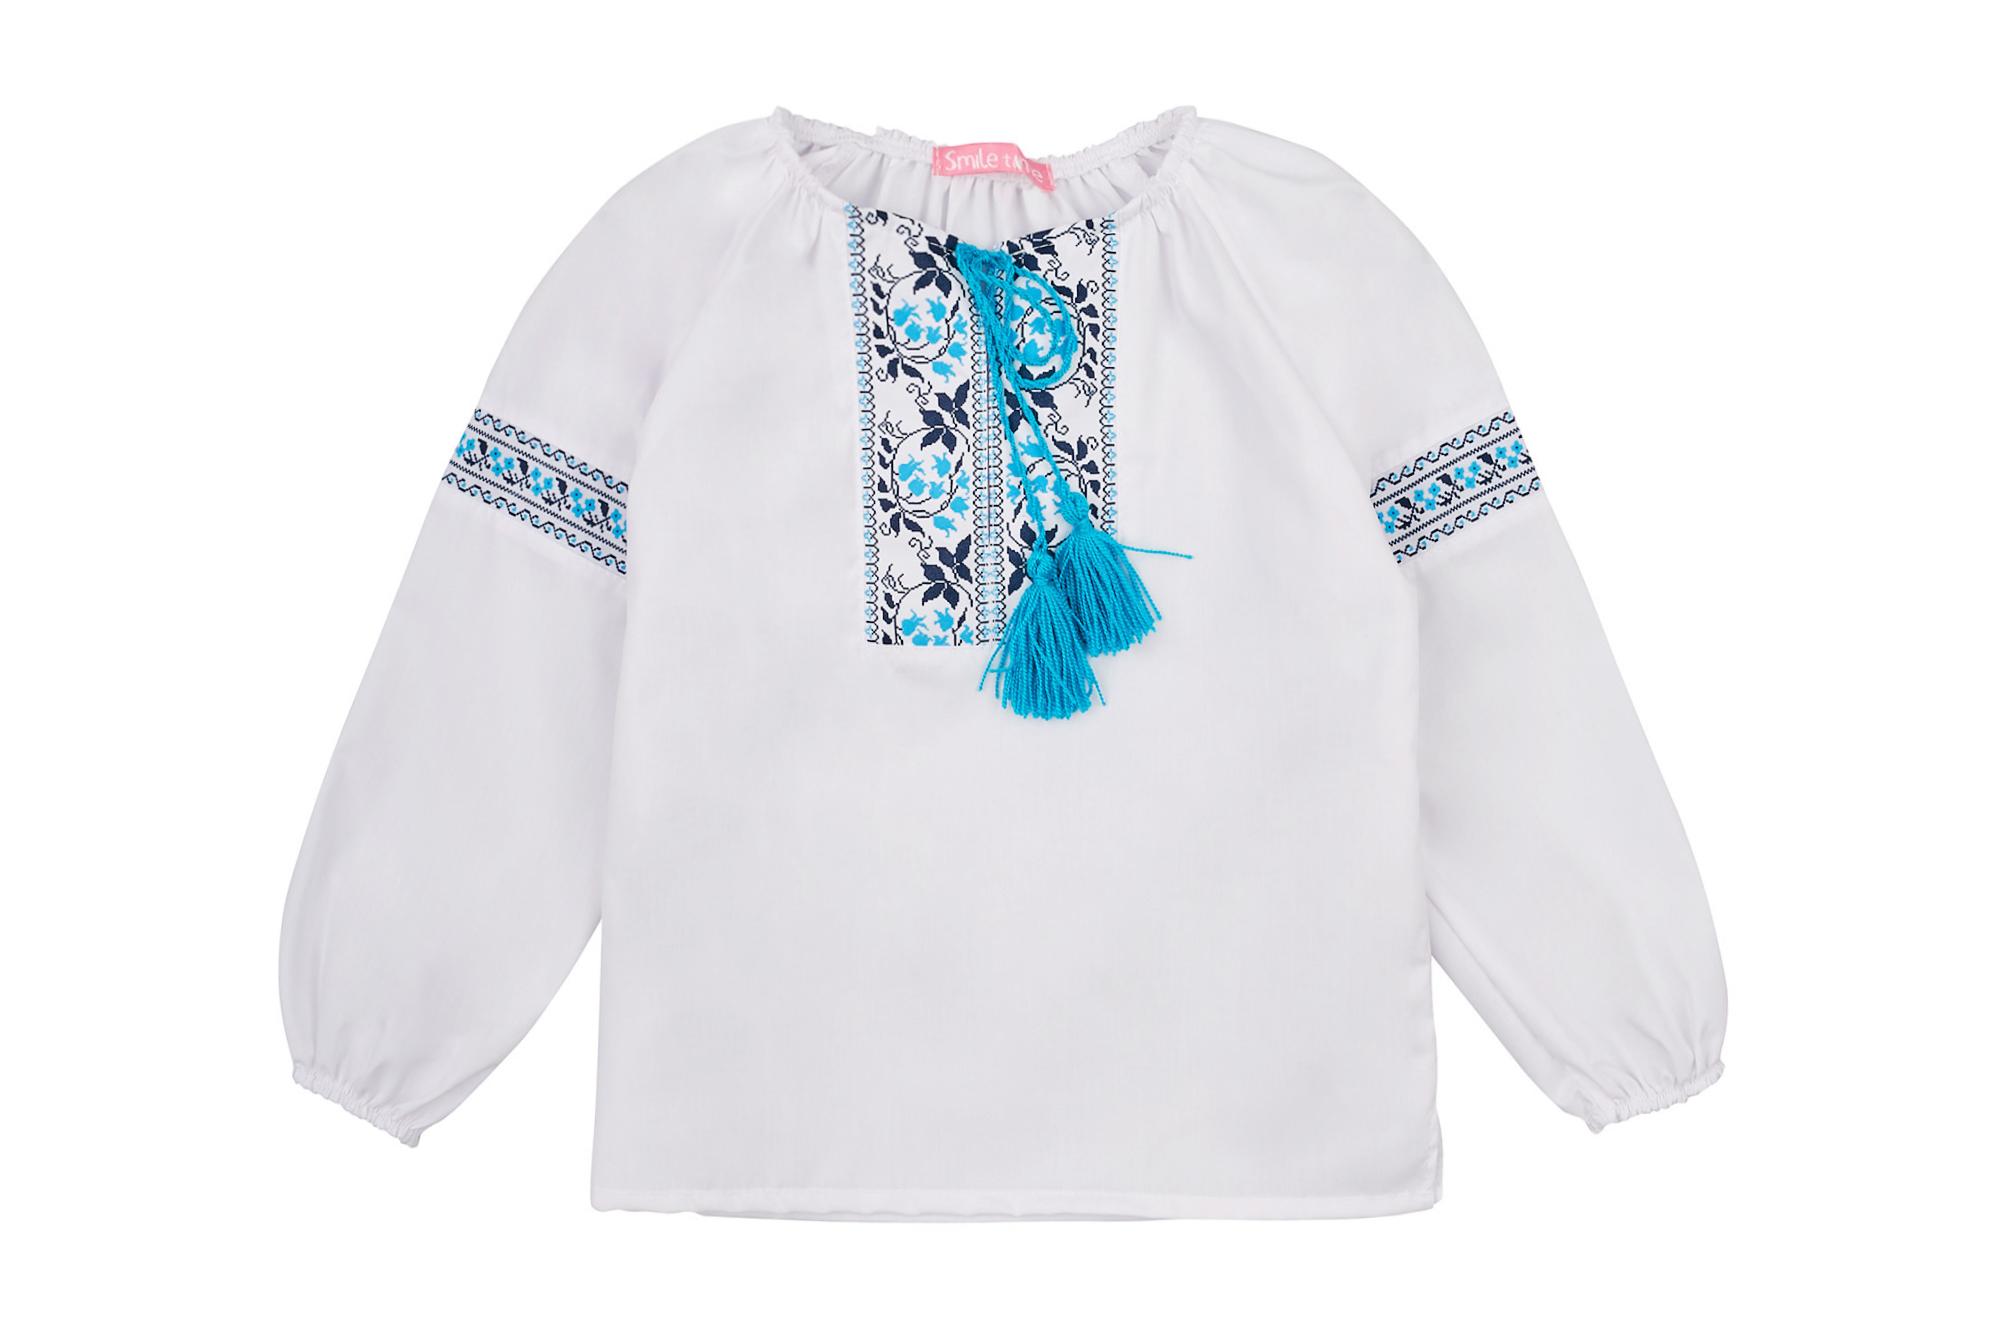 Вышиванка SmileTime для девочки с длинным рукавом, голубой узор